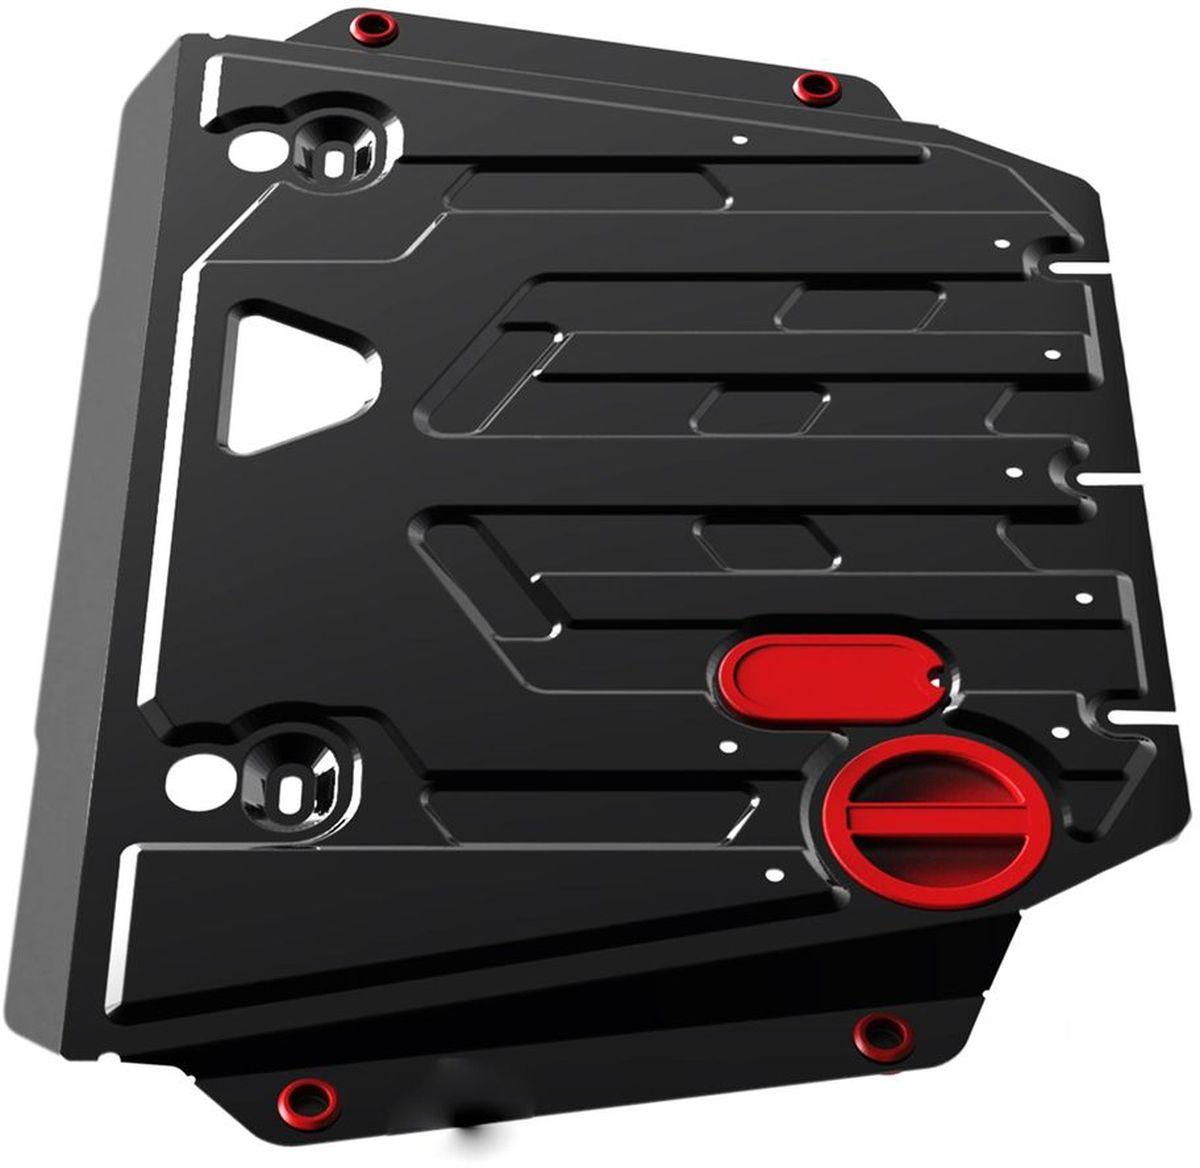 Защита картера Автоброня Lexus GX 460 2009-/Toyota LC150 2009-, часть 2 , сталь 2 мм111.05784.1Защита картера Автоброня для Lexus GX 460, V - 4,6 2009-/Toyota LC150, V - 2,7; 3,0TD; 4,0; 2,8TD 2009-, часть 2 , сталь 2 мм, комплект крепежа, 111.05784.1Дополнительно можно приобрести другие защитные элементы из комплекта: защита картера ч.1 - 111.05783.1, защита КПП и РК - 111.05785.1Стальные защиты Автоброня надежно защищают ваш автомобиль от повреждений при наезде на бордюры, выступающие канализационные люки, кромки поврежденного асфальта или при ремонте дорог, не говоря уже о загородных дорогах.- Имеют оптимальное соотношение цена-качество.- Спроектированы с учетом особенностей автомобиля, что делает установку удобной.- Защита устанавливается в штатные места кузова автомобиля.- Является надежной защитой для важных элементов на протяжении долгих лет.- Глубокий штамп дополнительно усиливает конструкцию защиты.- Подштамповка в местах крепления защищает крепеж от срезания.- Технологические отверстия там, где они необходимы для смены масла и слива воды, оборудованные заглушками, закрепленными на защите.Толщина стали 2 мм.В комплекте крепеж и инструкция по установке.Уважаемые клиенты!Обращаем ваше внимание на тот факт, что защита имеет форму, соответствующую модели данного автомобиля. Наличие глубокого штампа и лючков для смены фильтров/масла предусмотрено не на всех защитах. Фото служит для визуального восприятия товара.